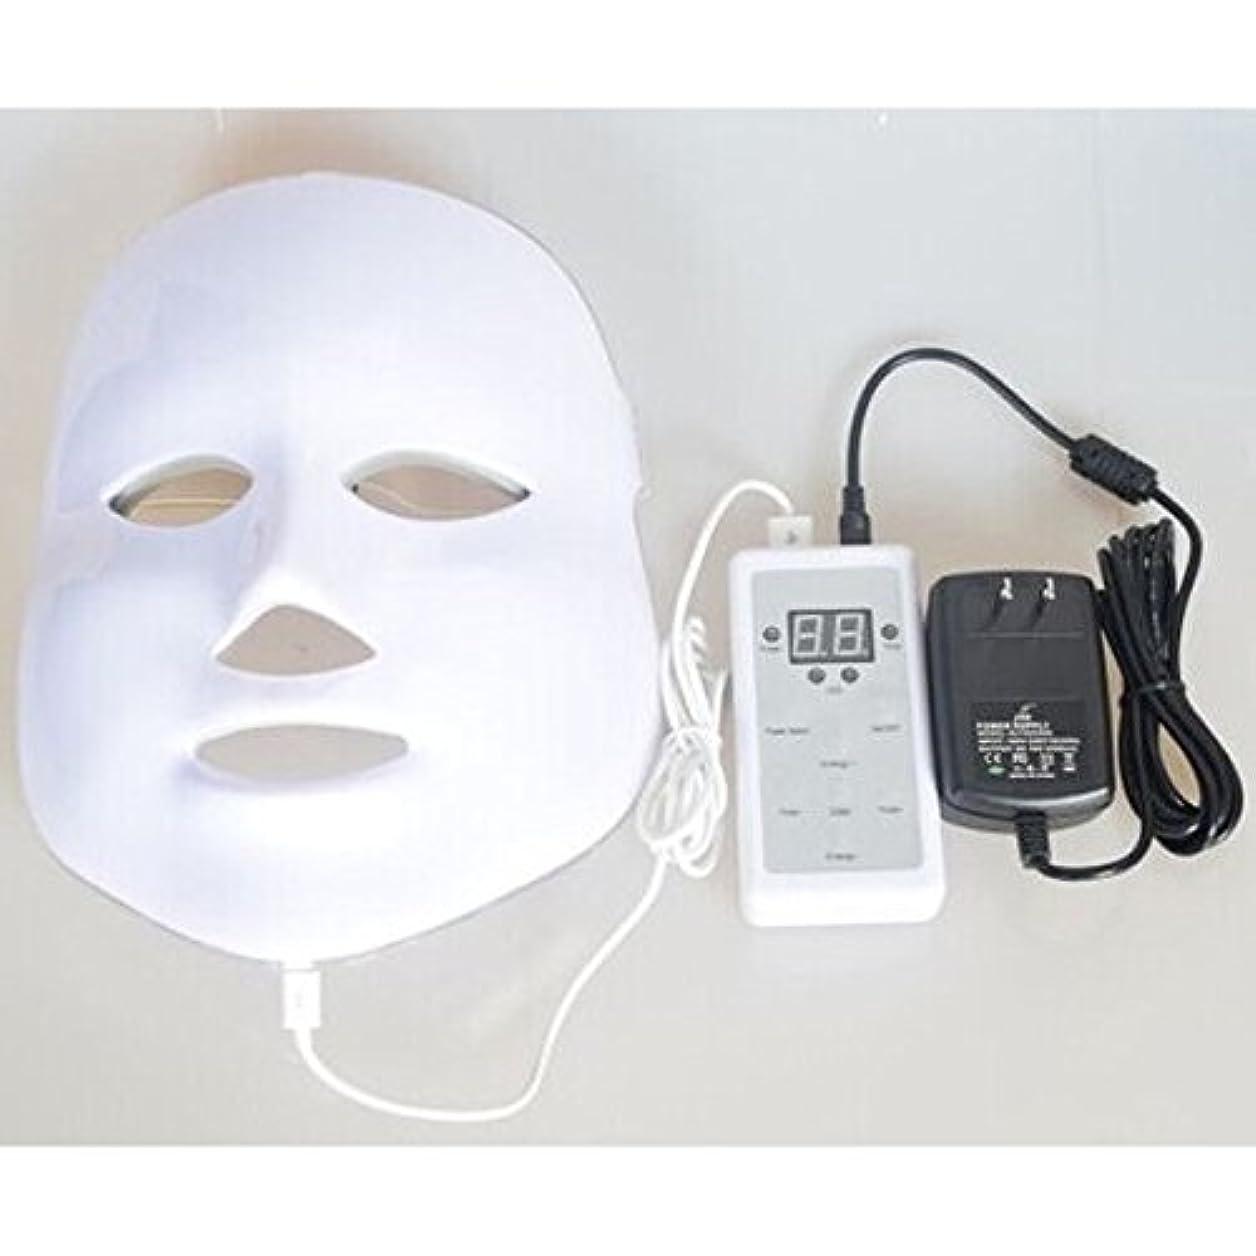 豊かな時計乱気流LED美顔器 7色 美顔マスク 美容 たるみ ほうれい線 美肌 ニキビ対策 コラーゲン生成 美白 エイジングケア